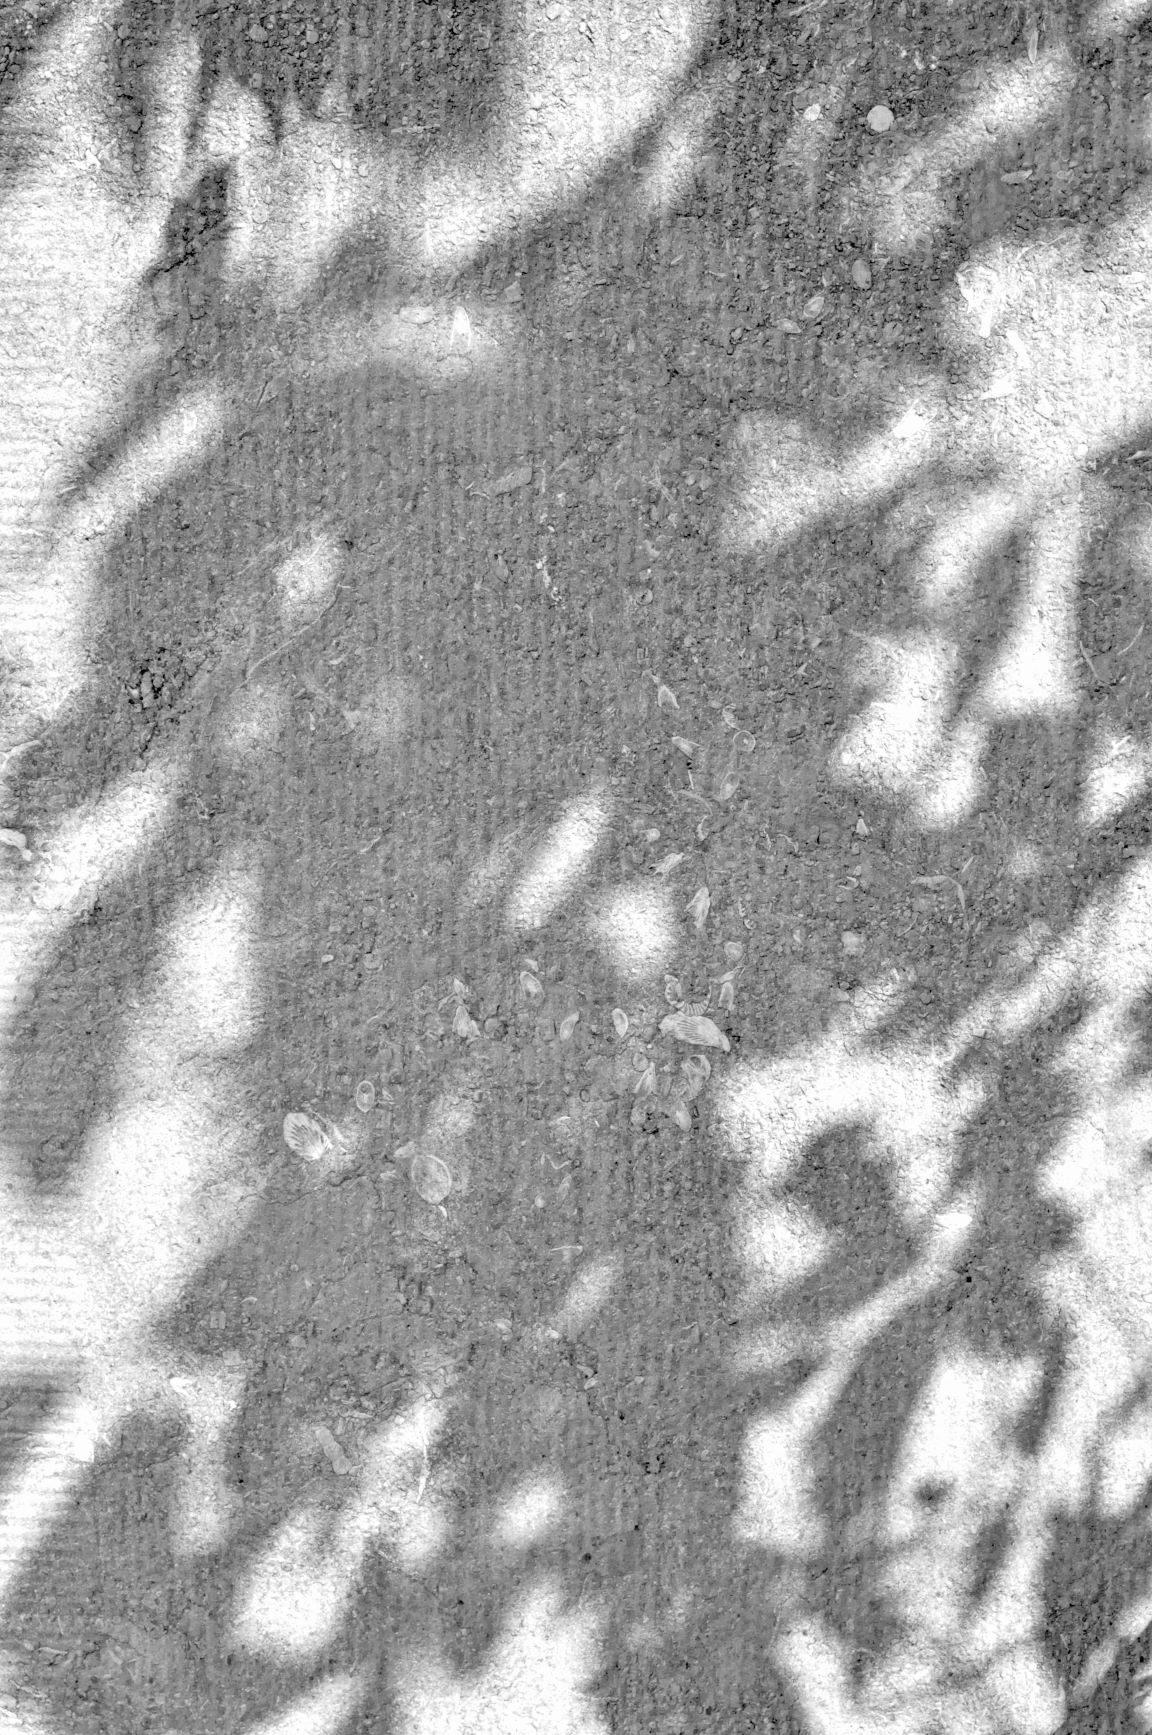 JPL_8151 copie.jpg, 2 mo